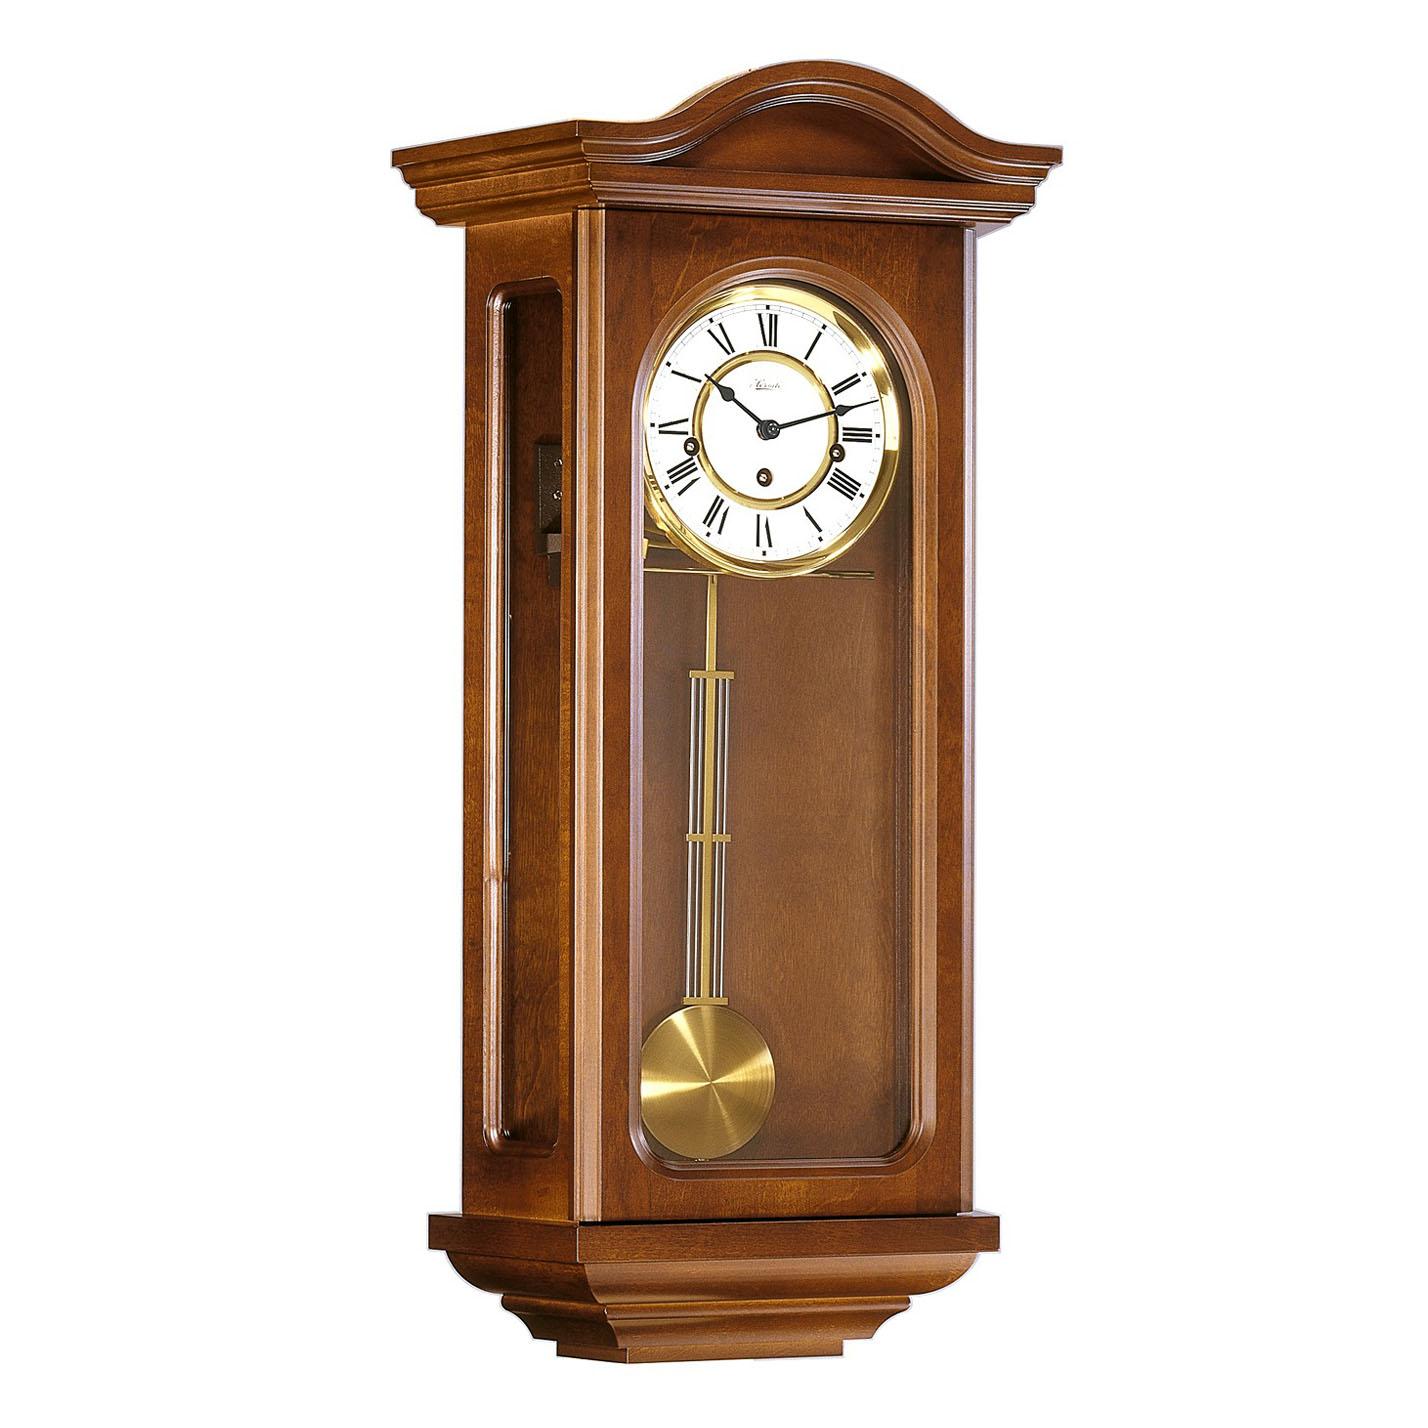 đồng hồ treo tường quả lắc nhật bản